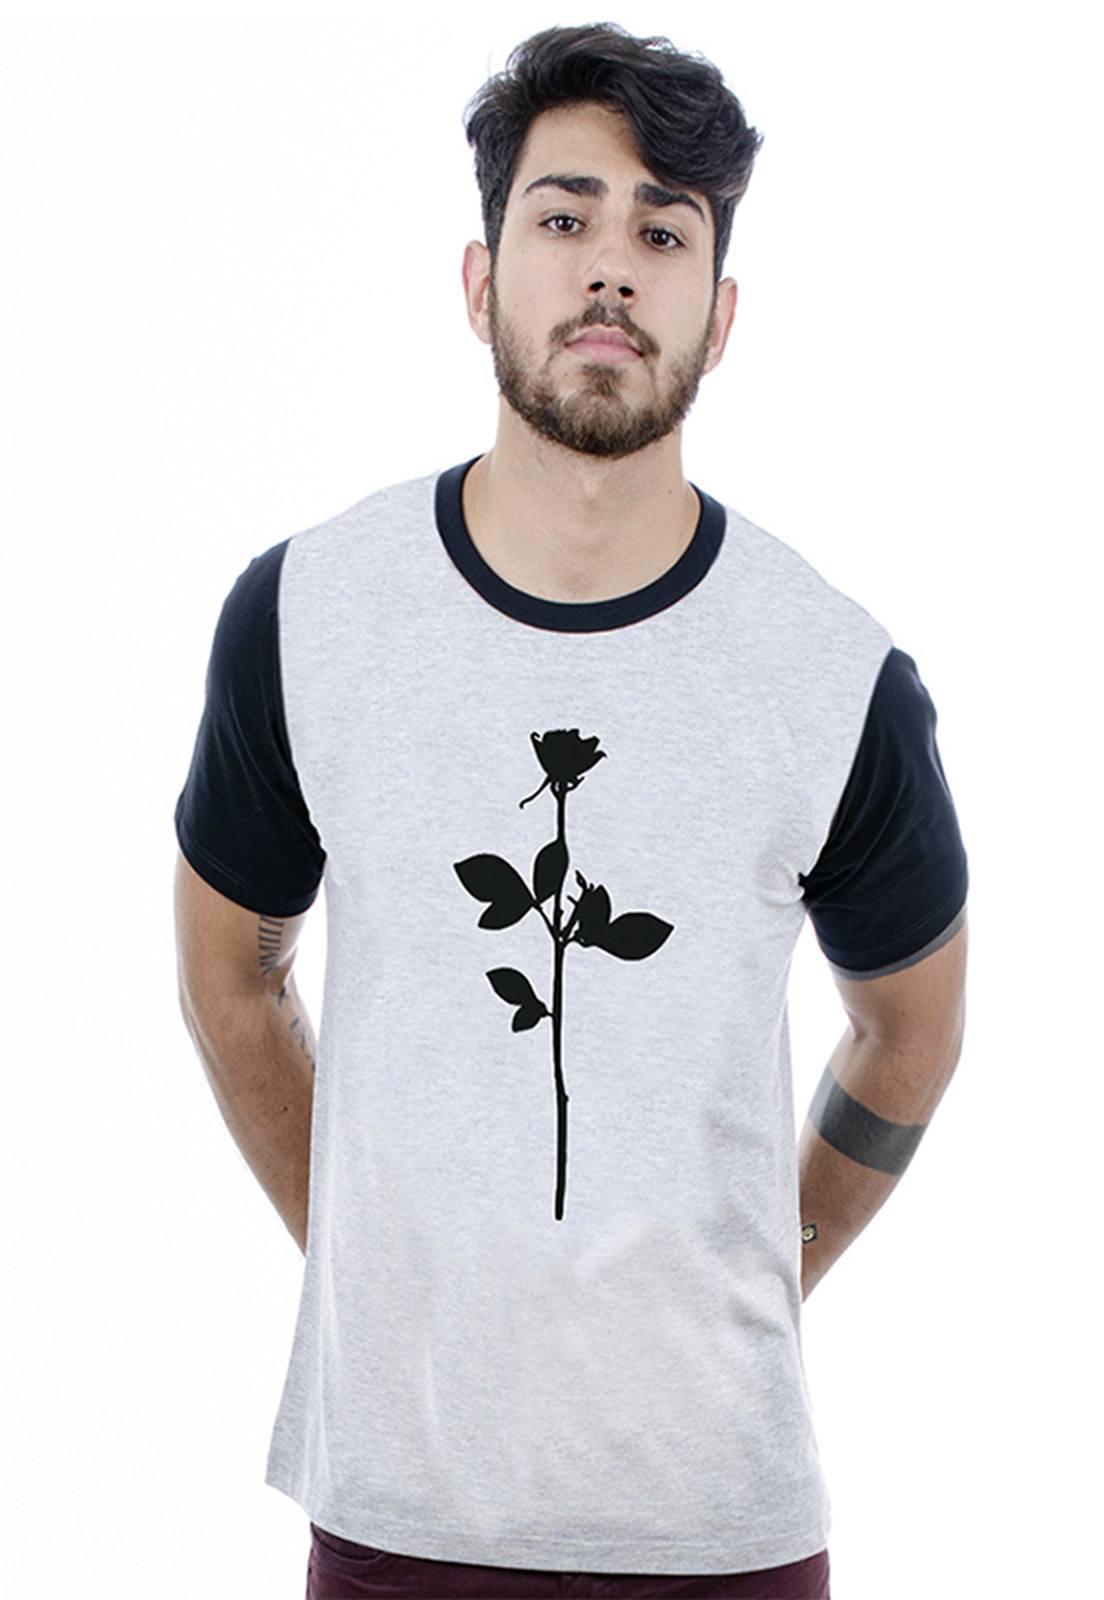 Camiseta masculina cinza mescla Silence - 100% algodão - Hardivision